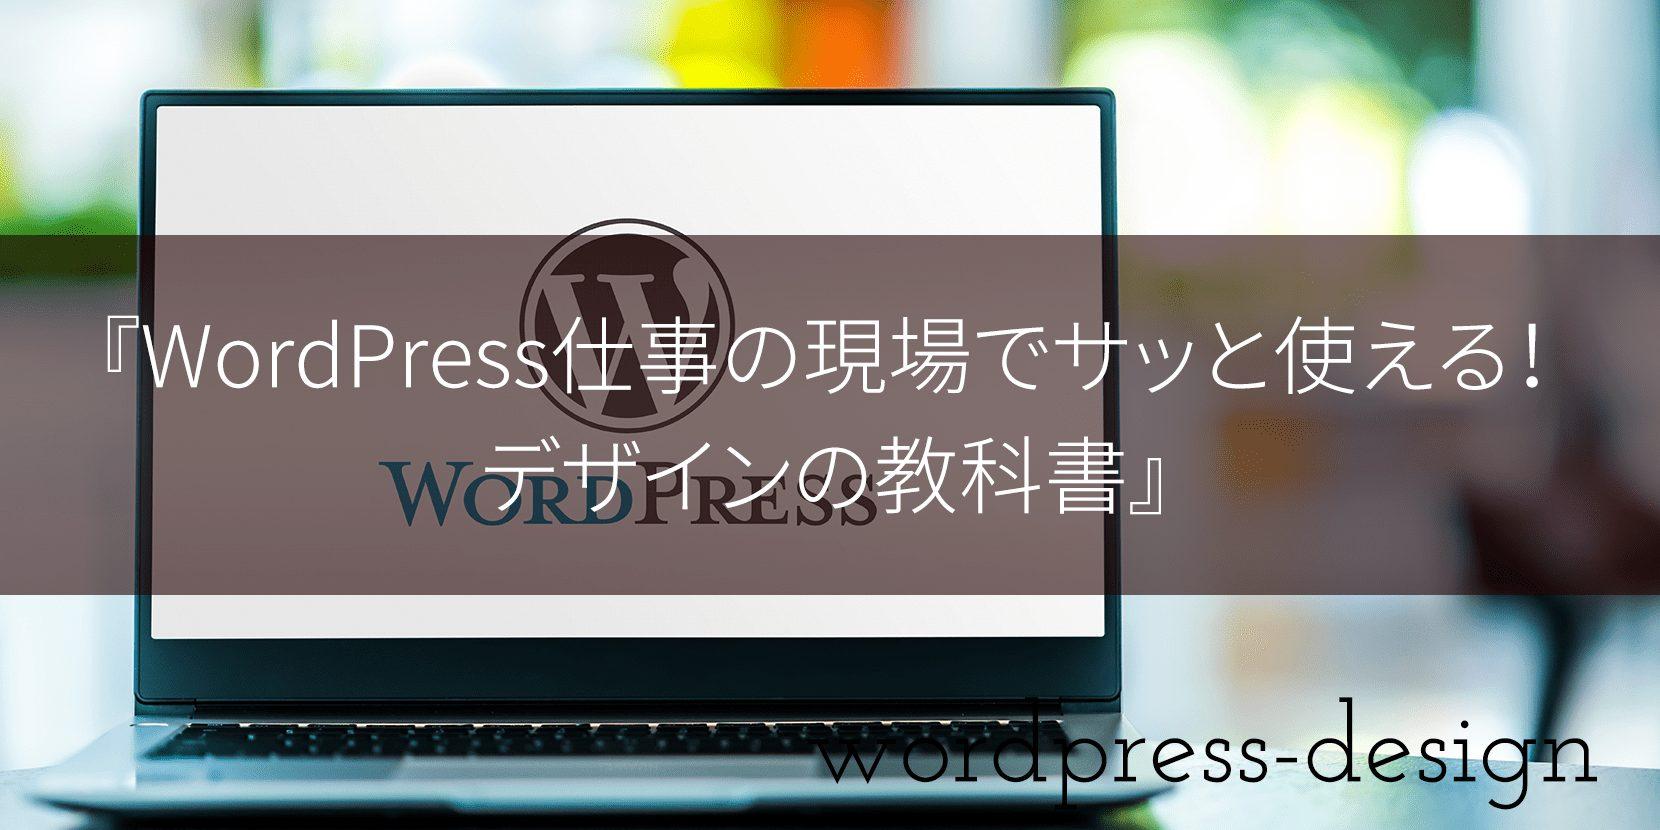 『WordPress仕事の現場でサッと使える!デザインの教科書』